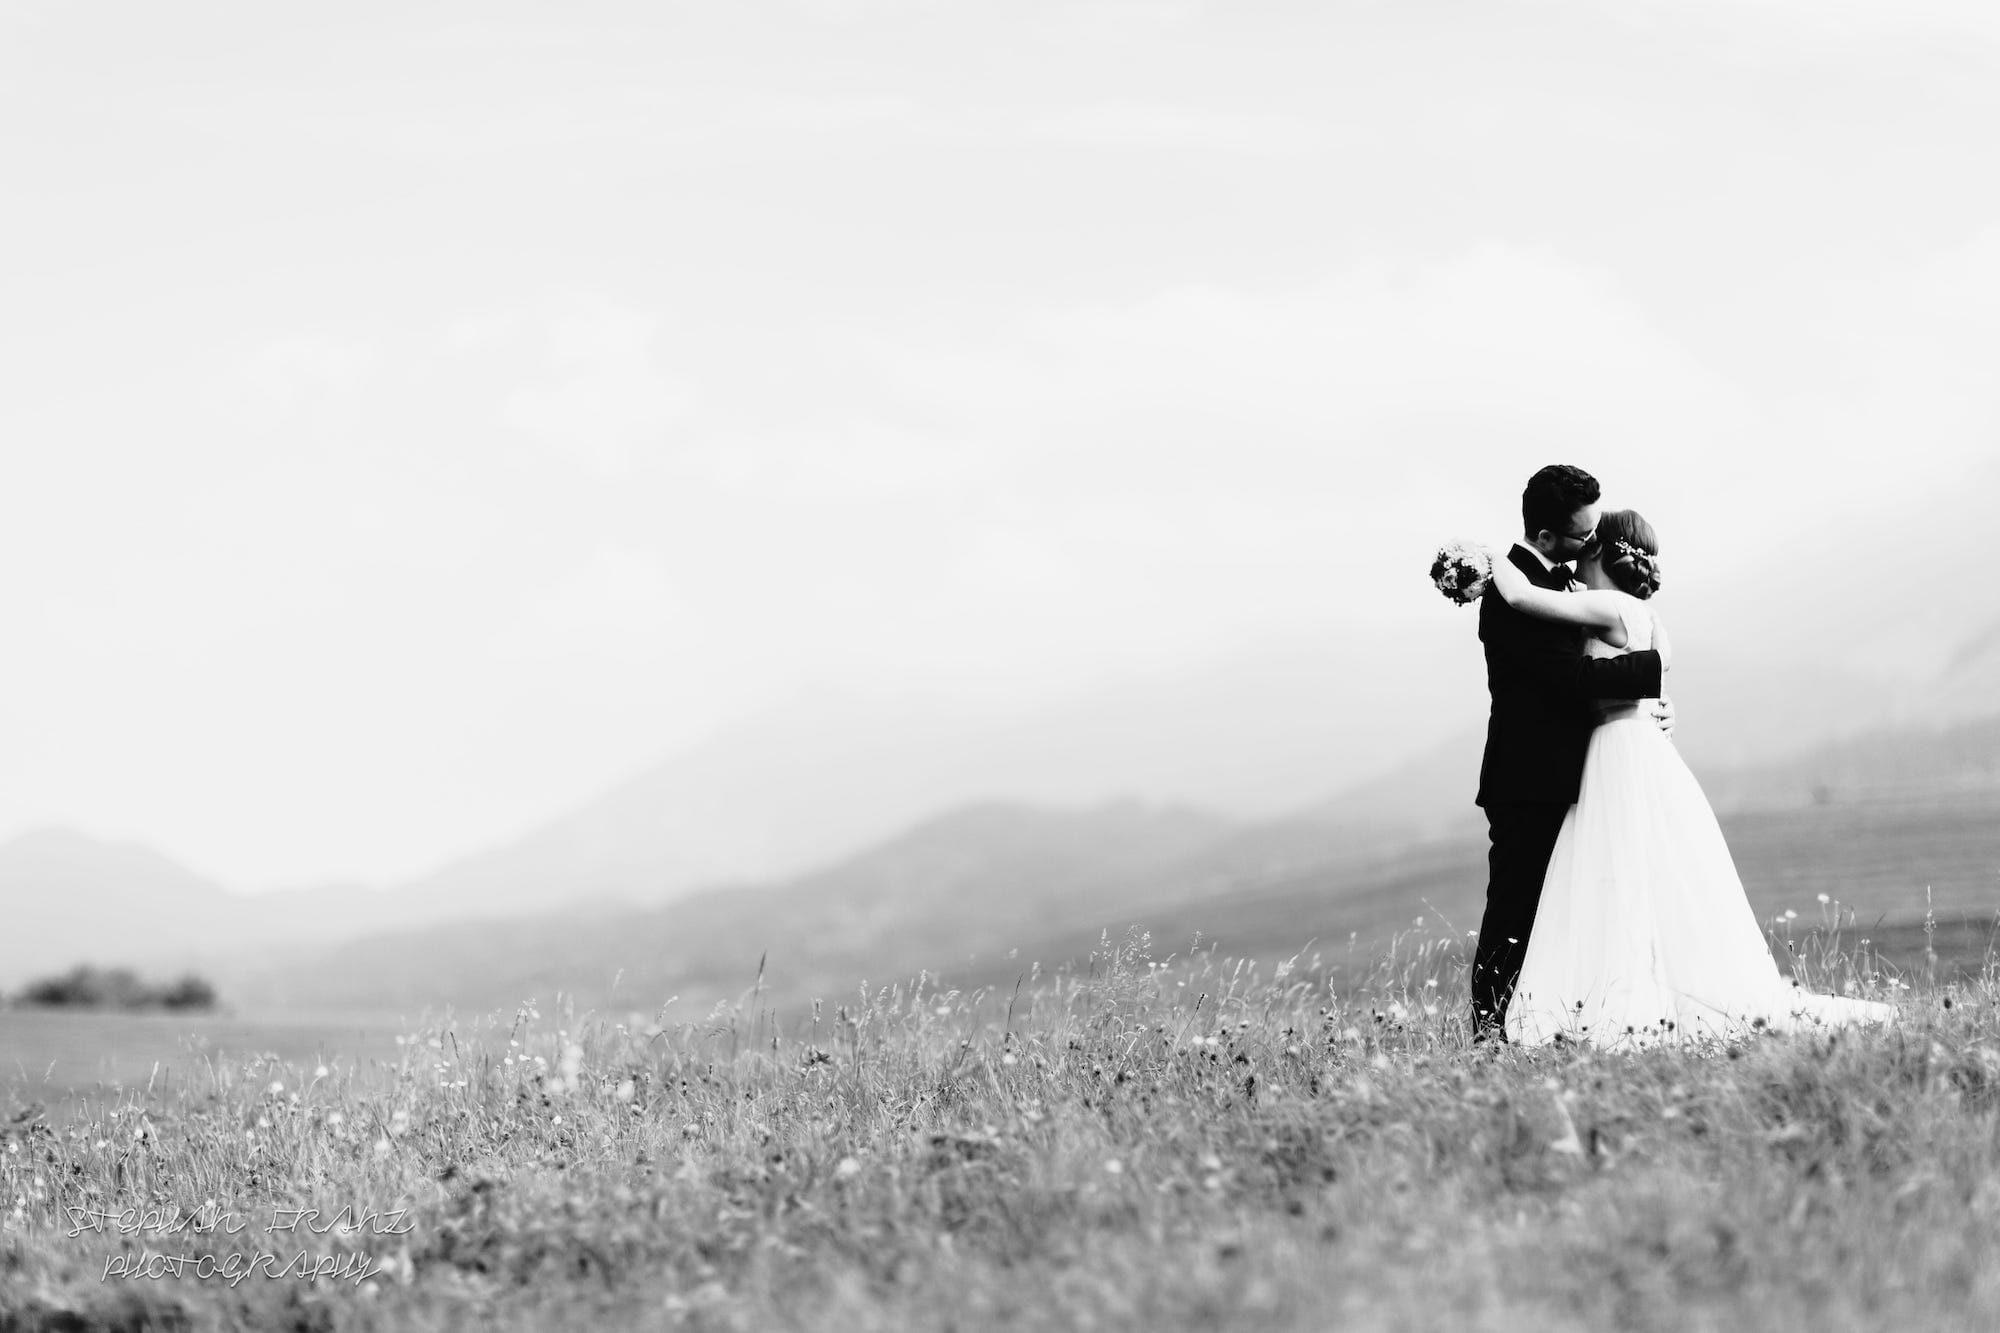 Hochzeit auf der Doagl Alm in der Spatenau im Wanderparadies Samerberg - Stephan Franz Photography - Hochzeitsfotograf aus Rosenheim